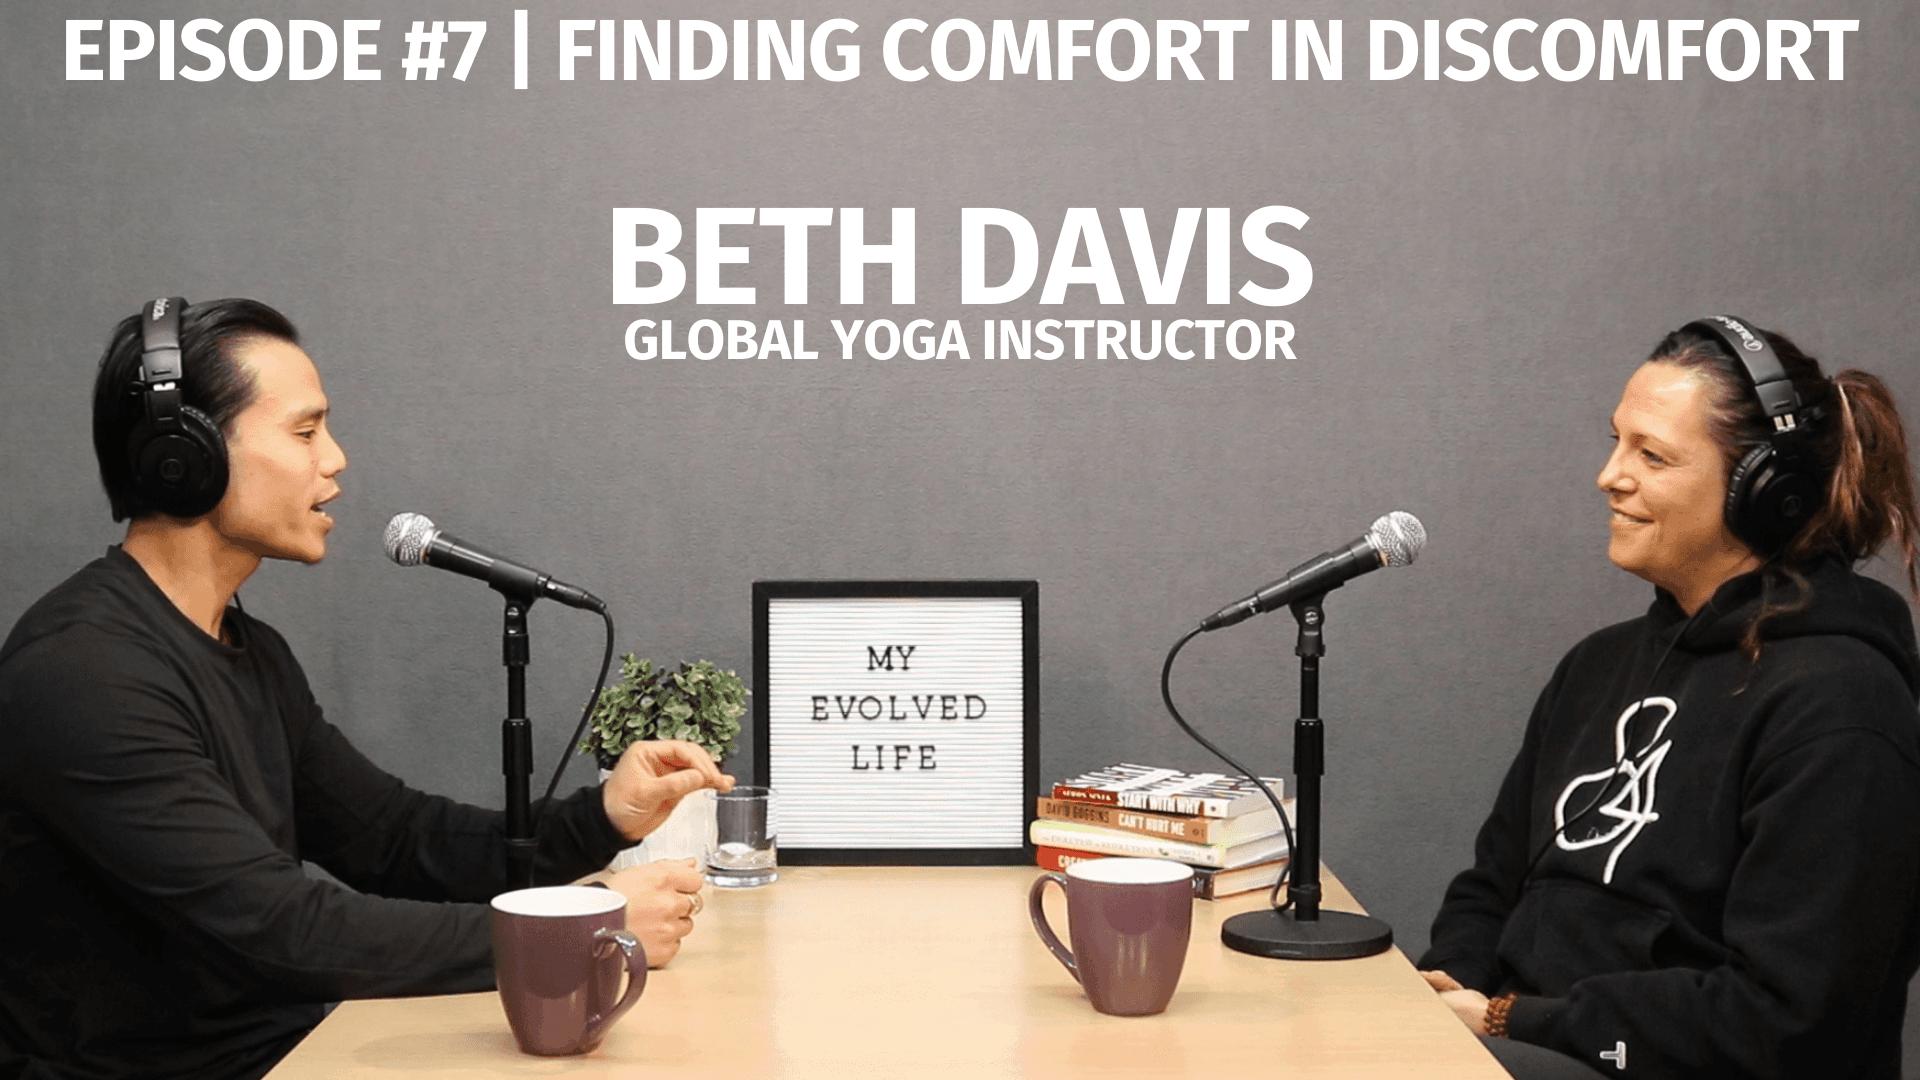 My Evolved Life Episode #7 - Beth Davis - Finding Comfort in Discomfort